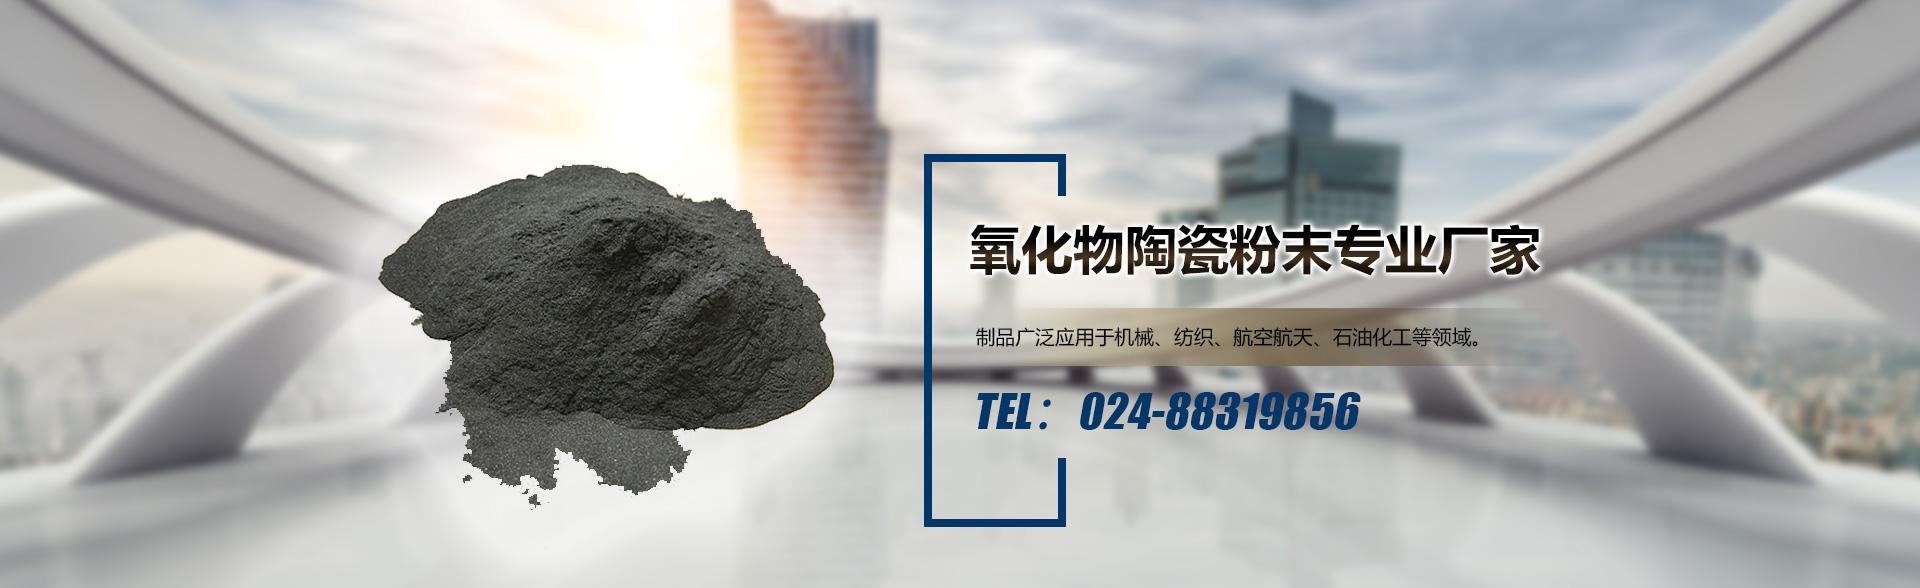 氧化铝钛陶瓷粉末